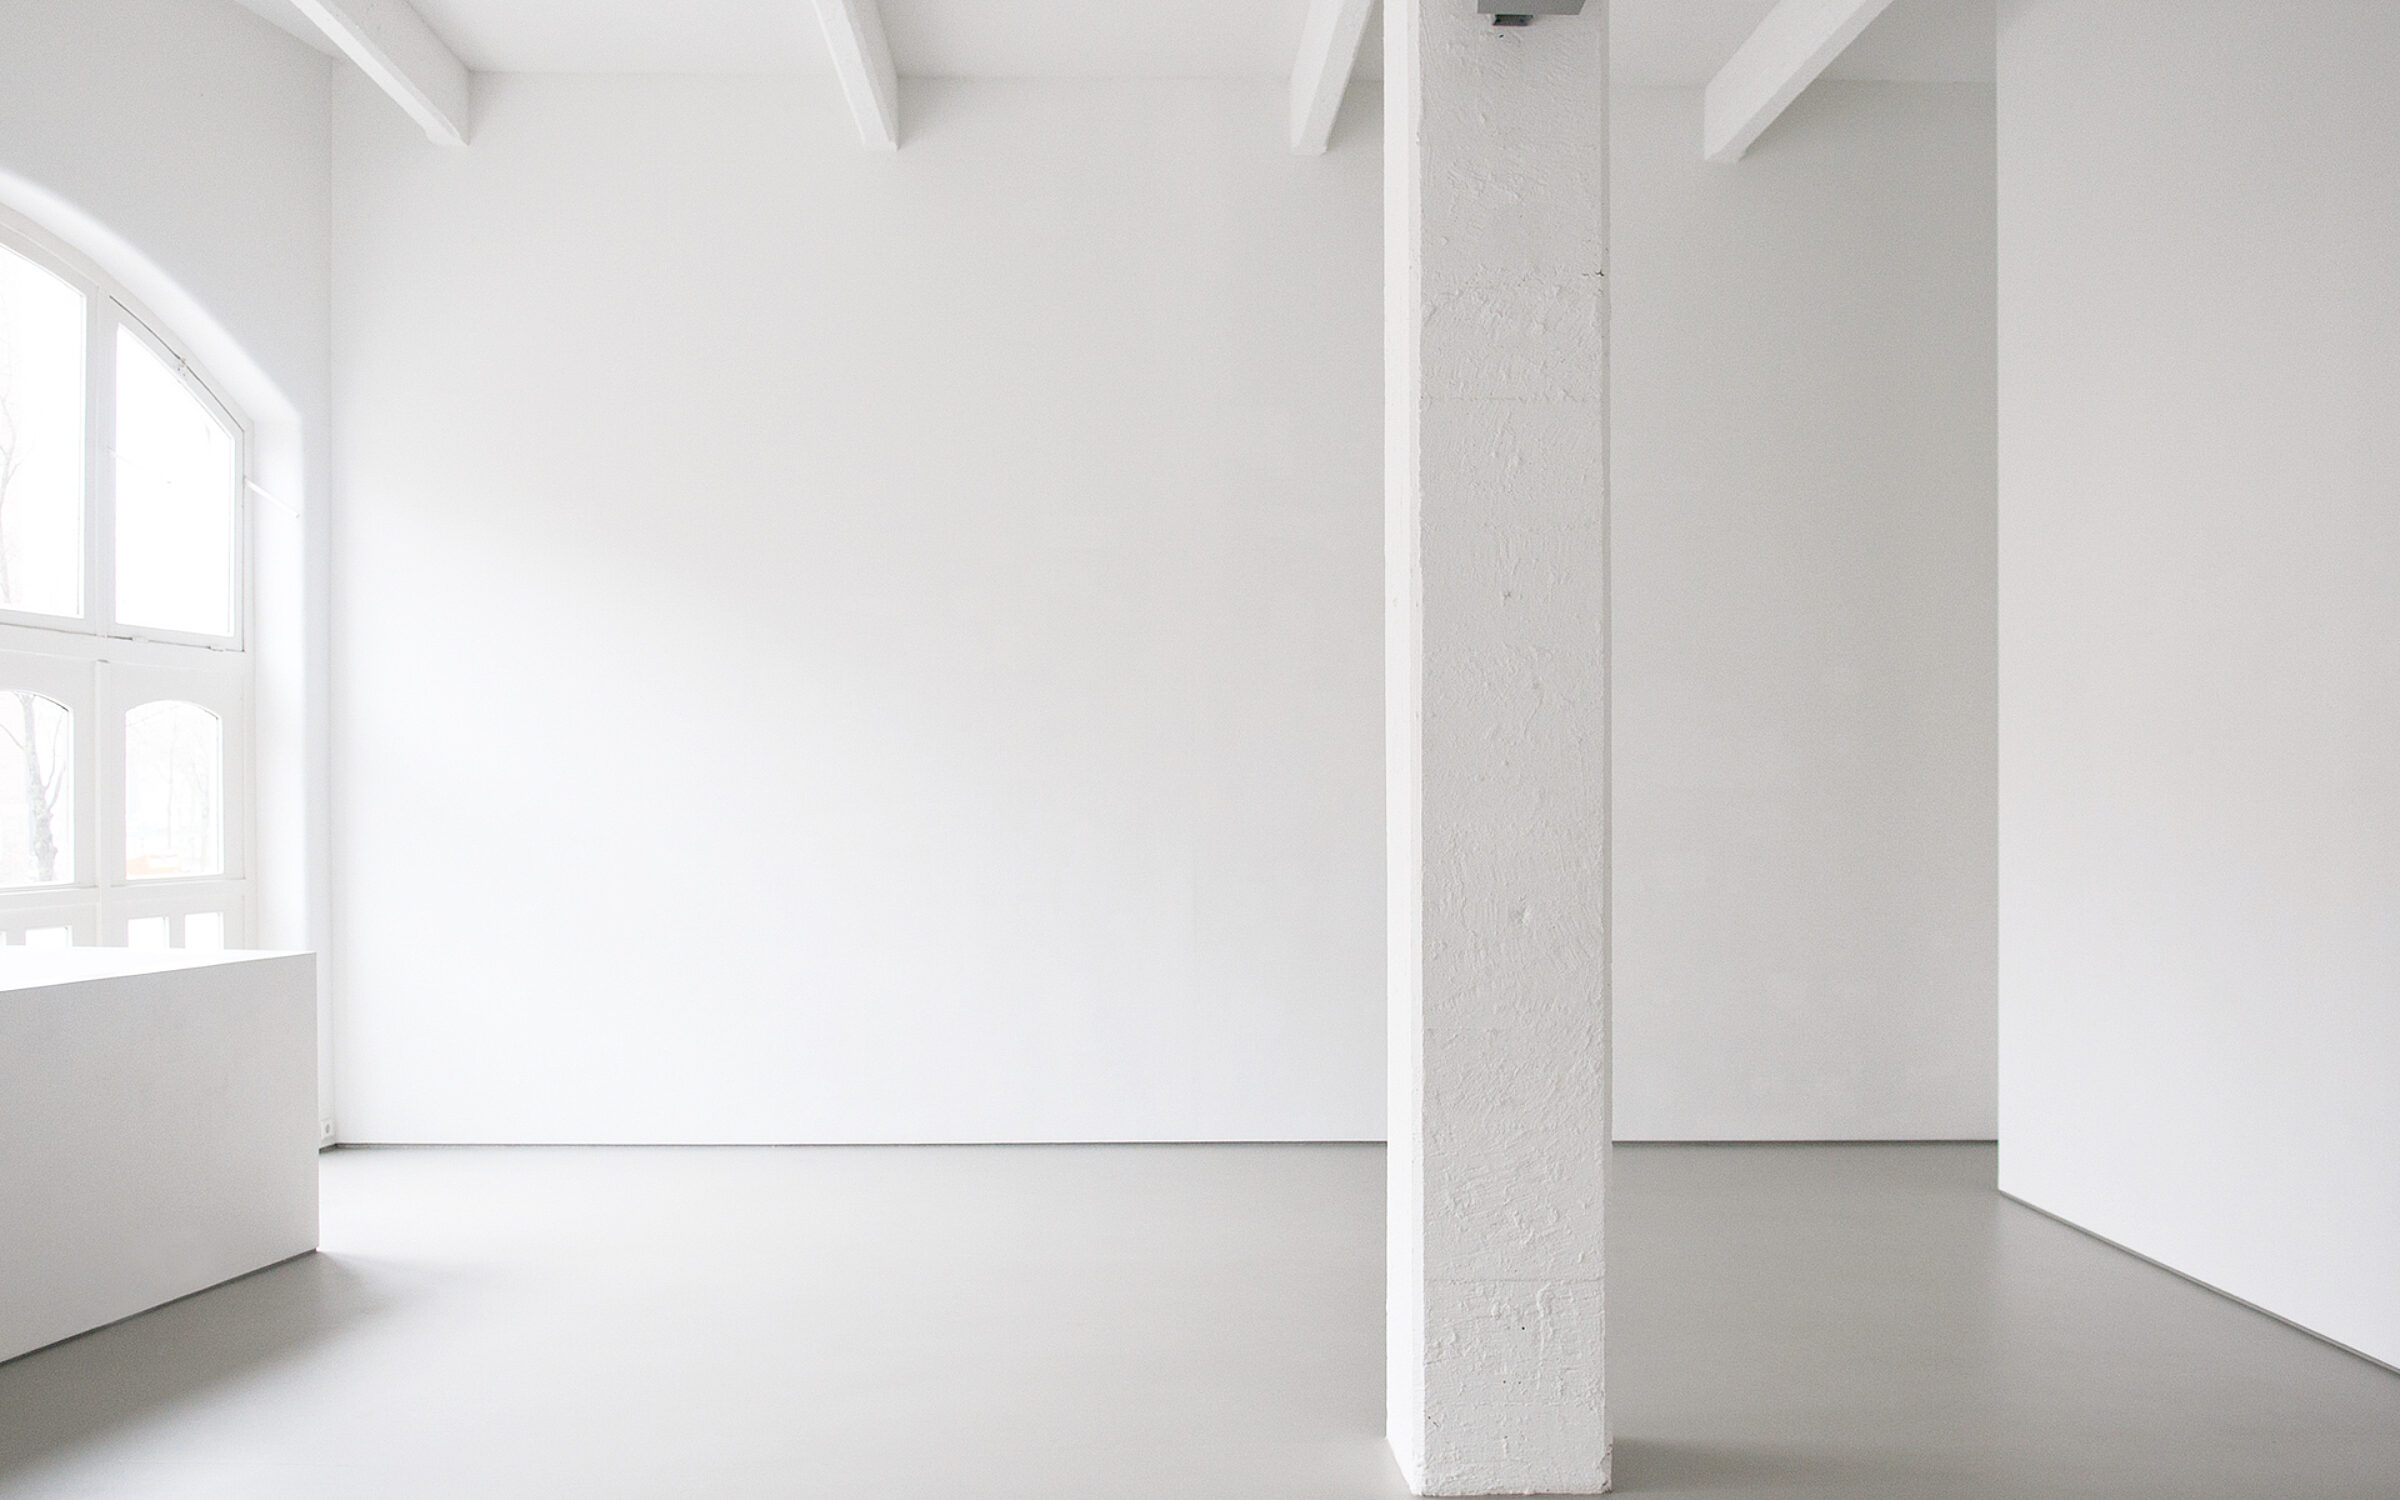 Galerie leeg